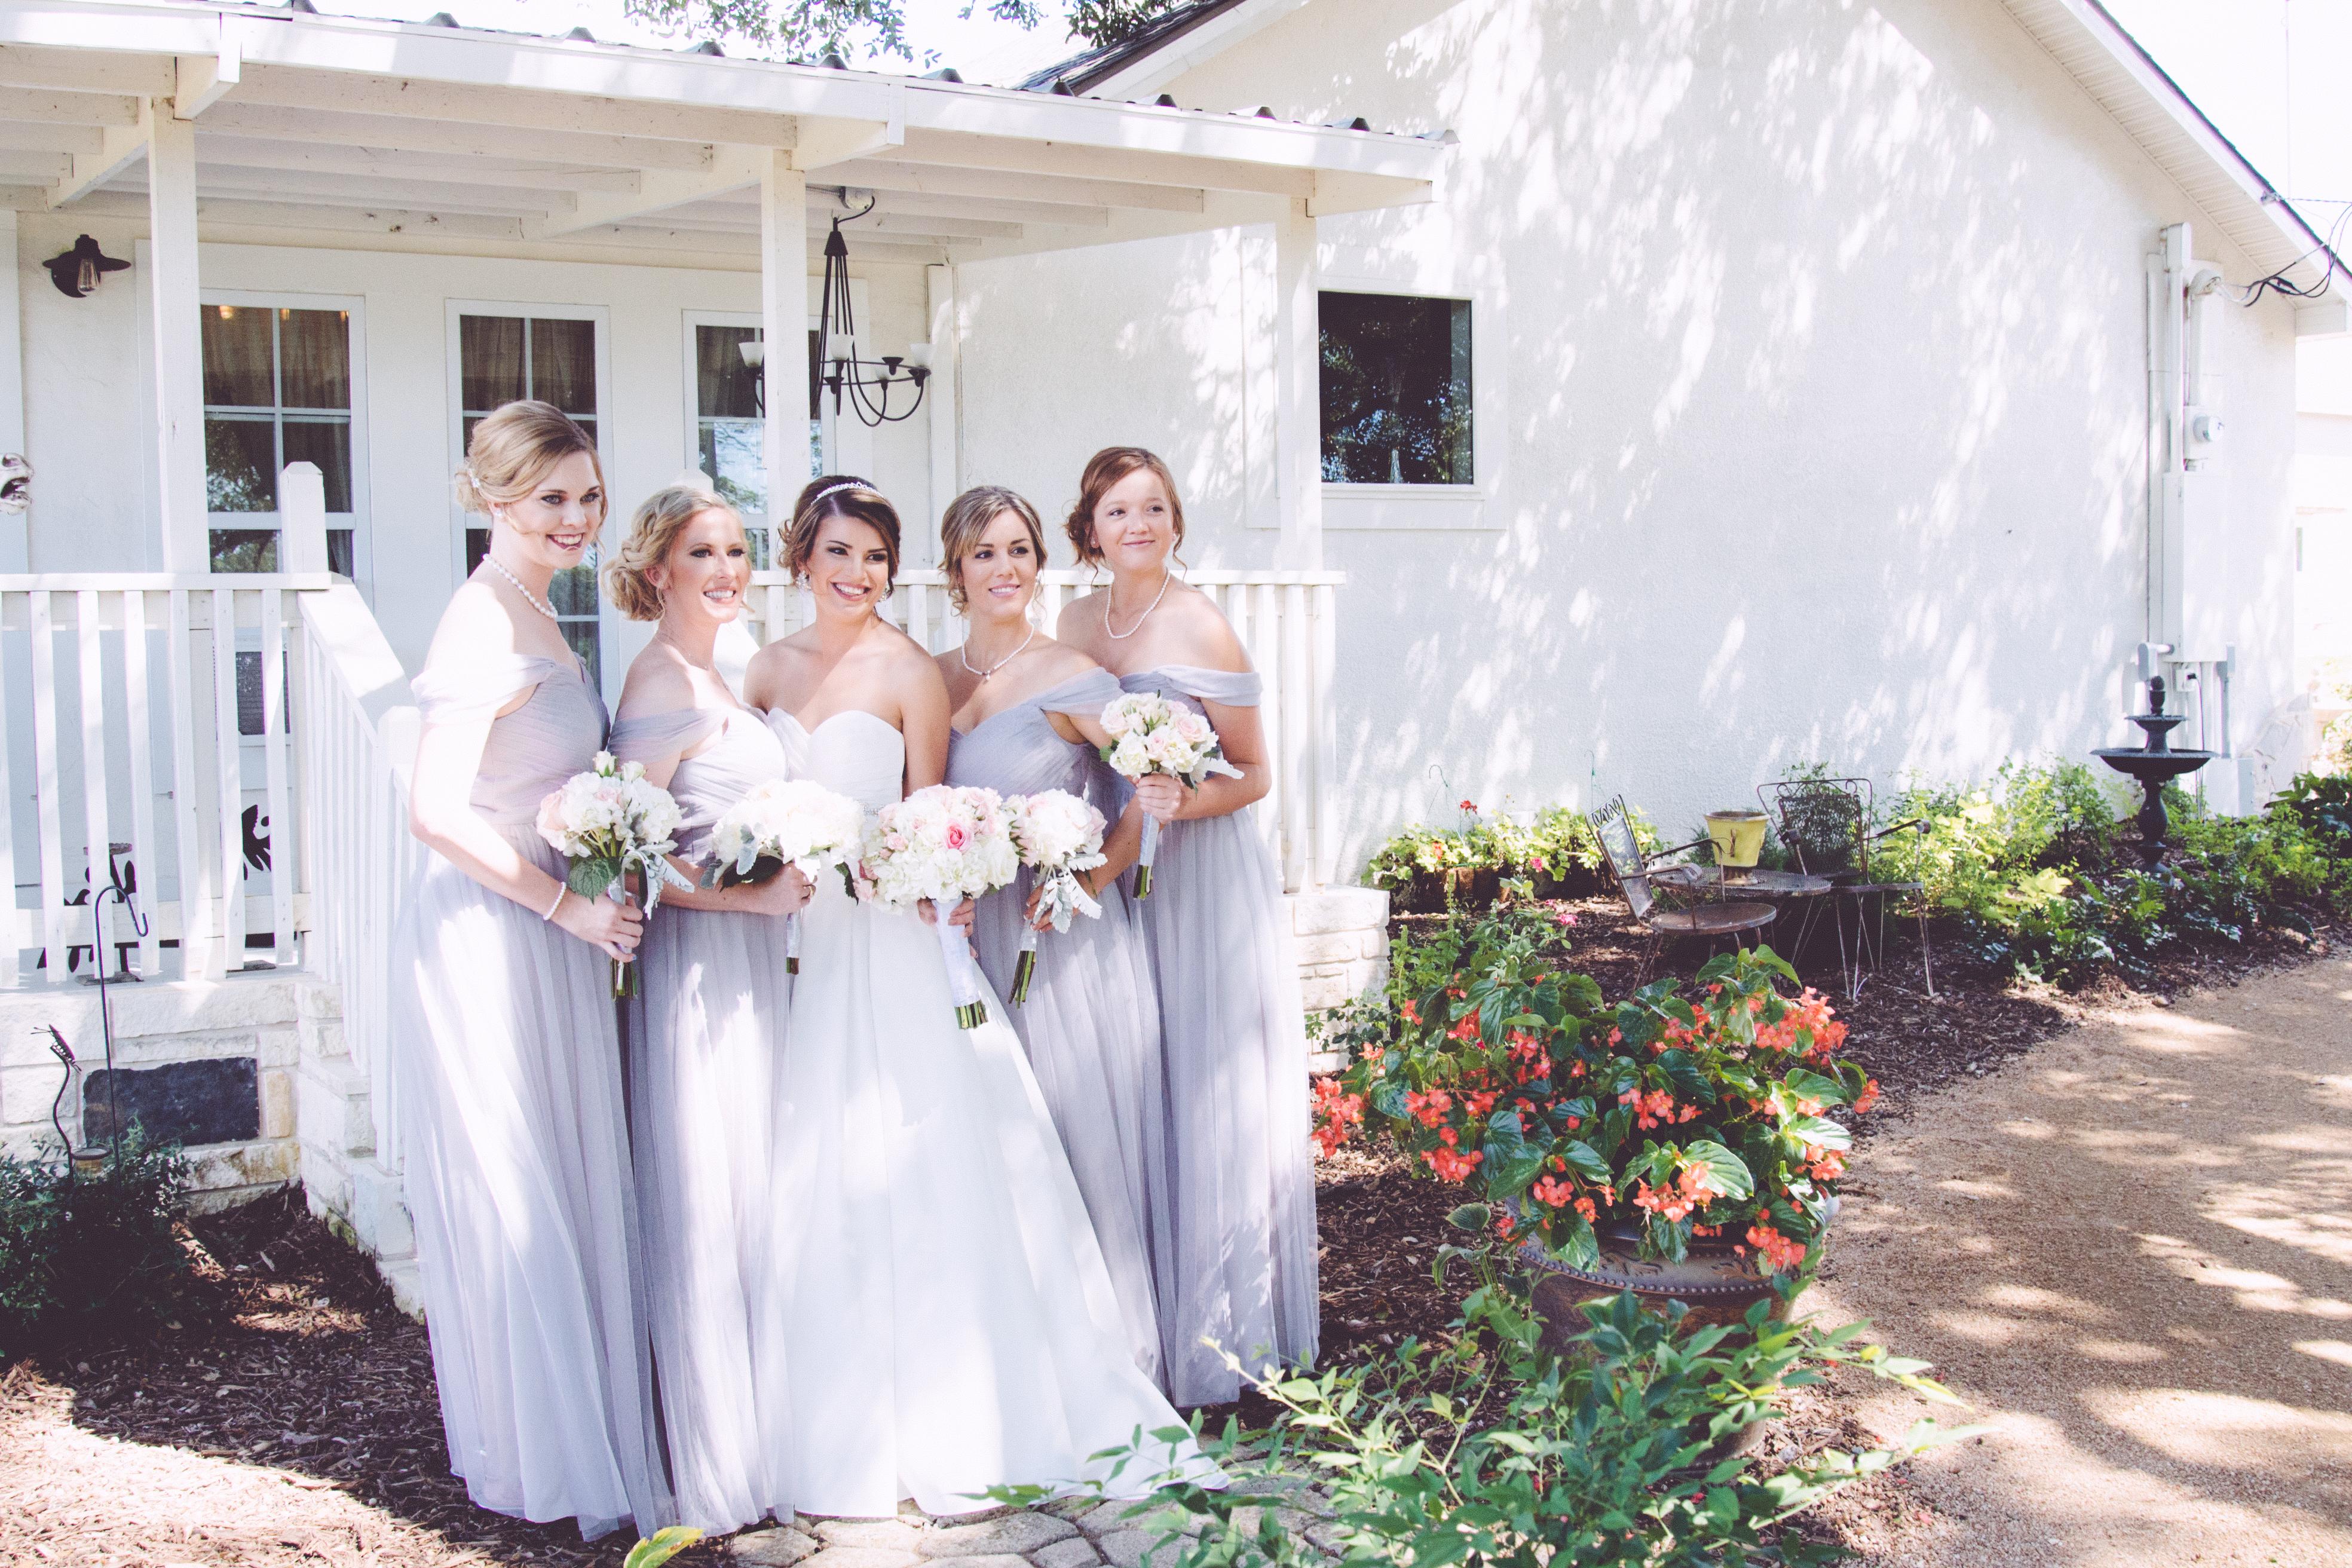 acwedding-790579acwedding